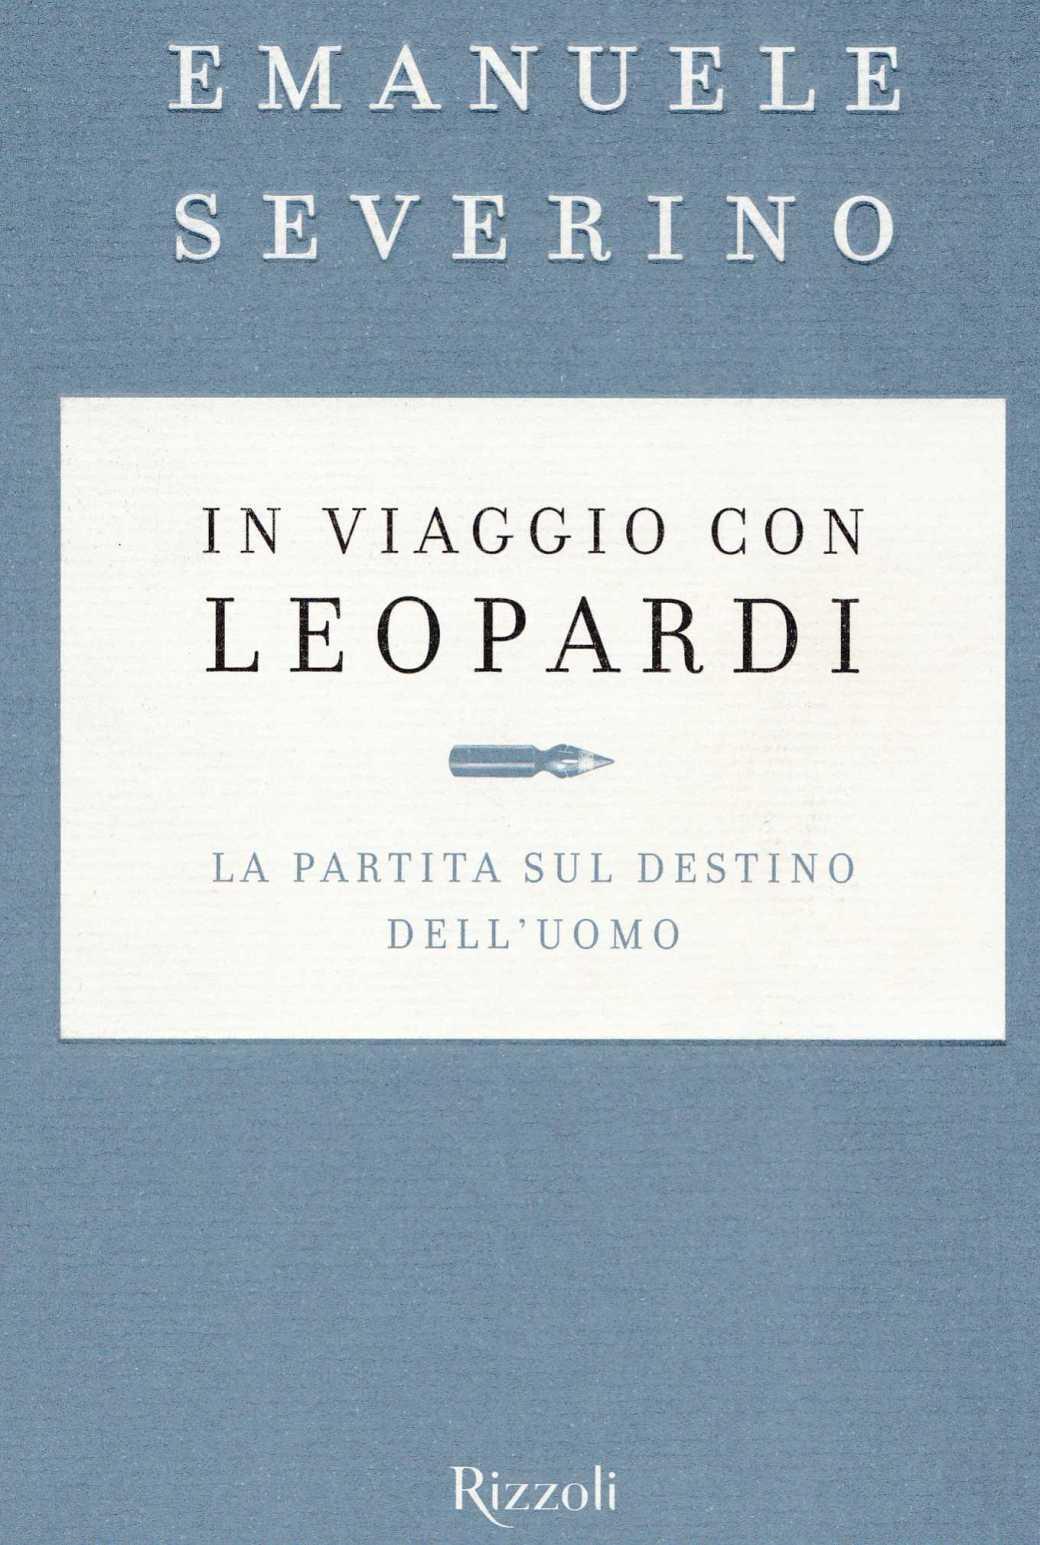 leopardi4418